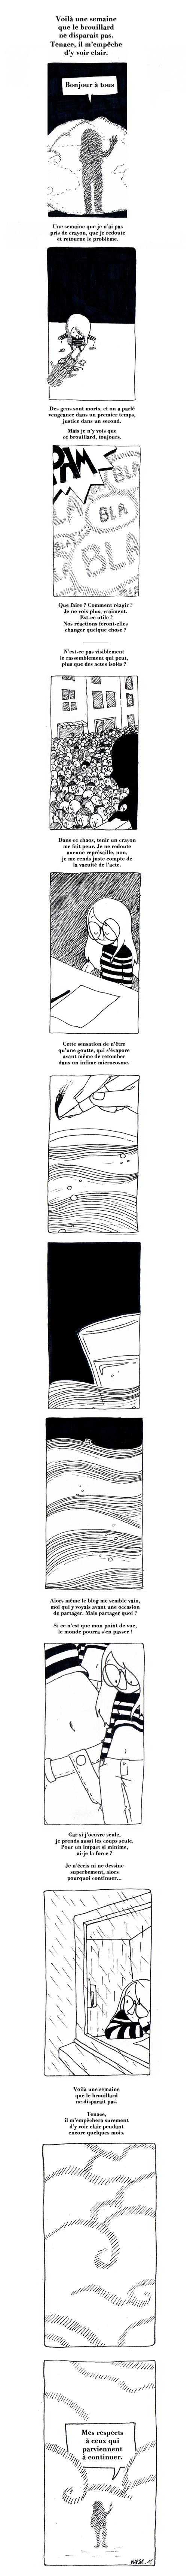 Unesemaine